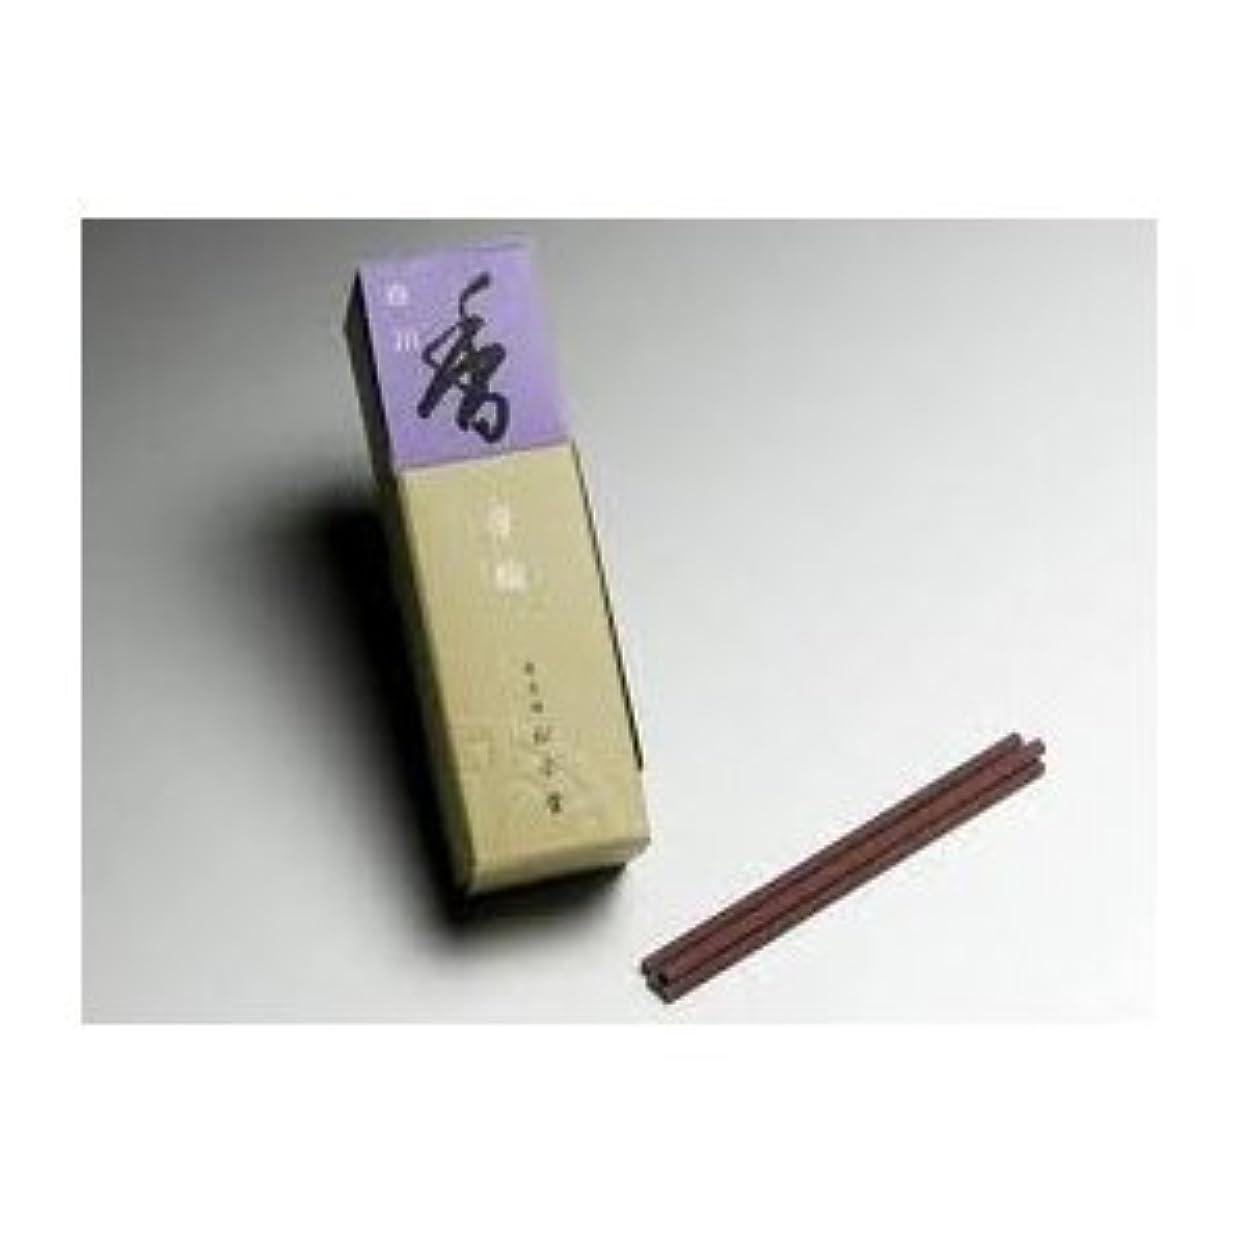 松ダウンタウン億松栄堂 芳輪 白川 スティック型 20本入